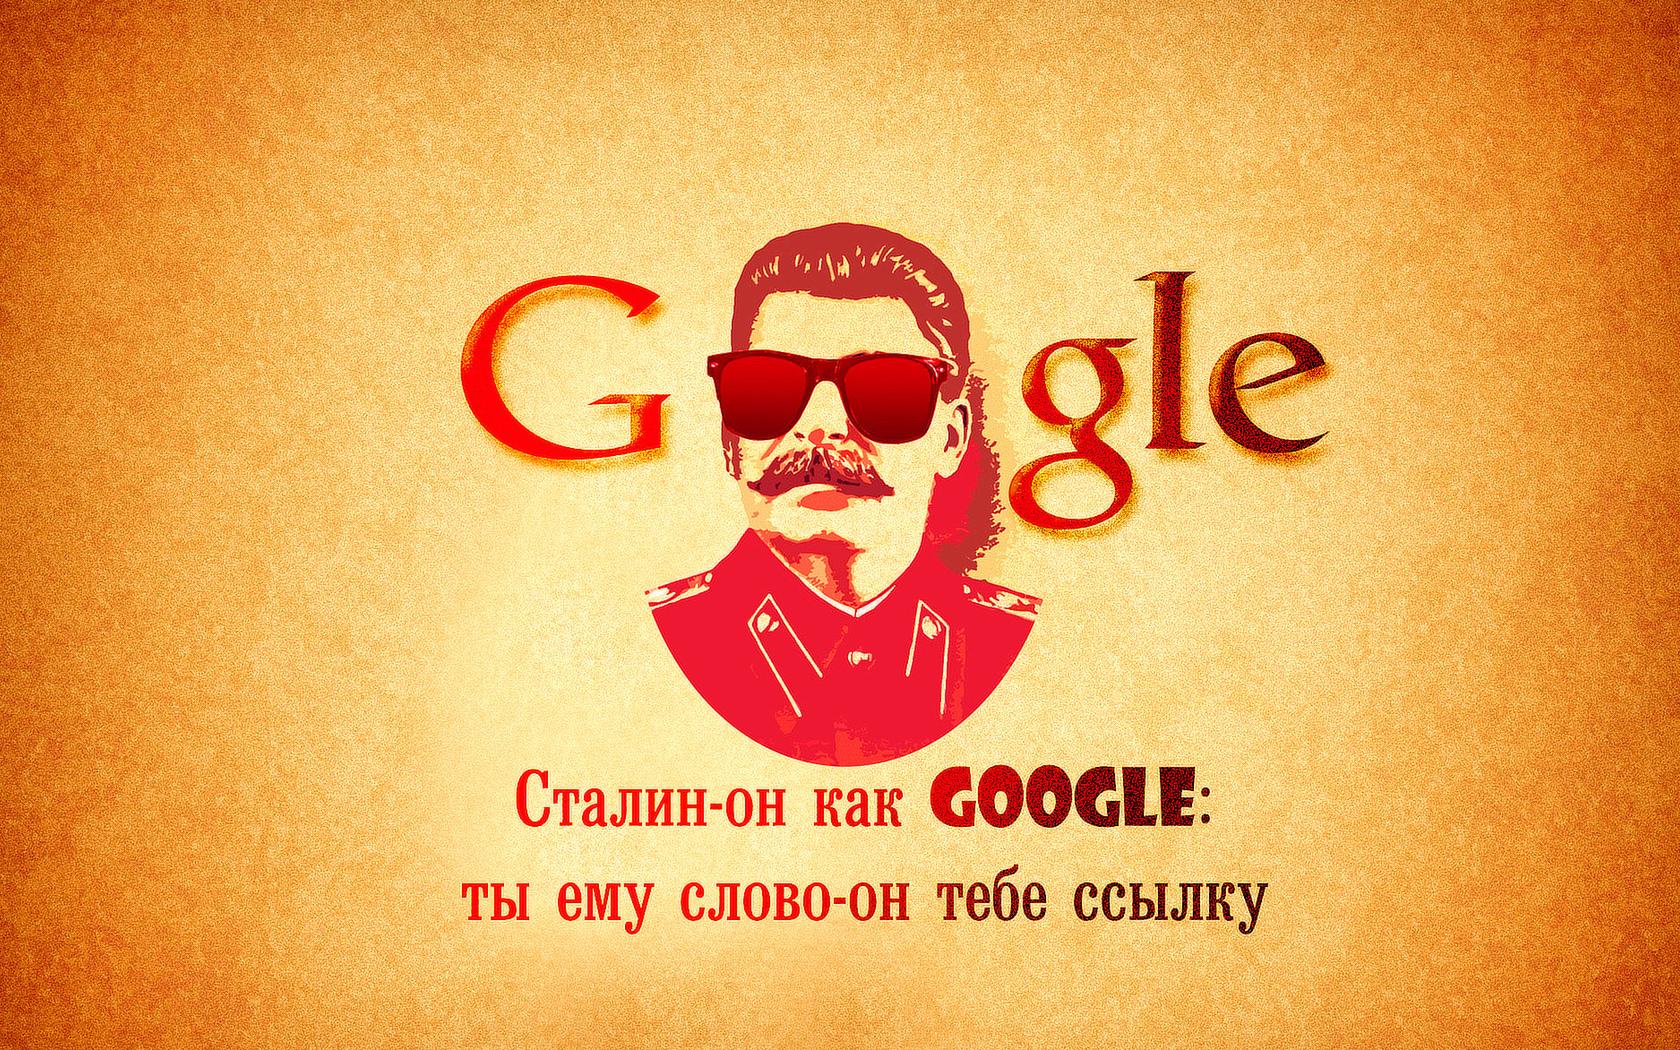 Обои Сталин, он как Google, ты ему слово, он тебе ссылку